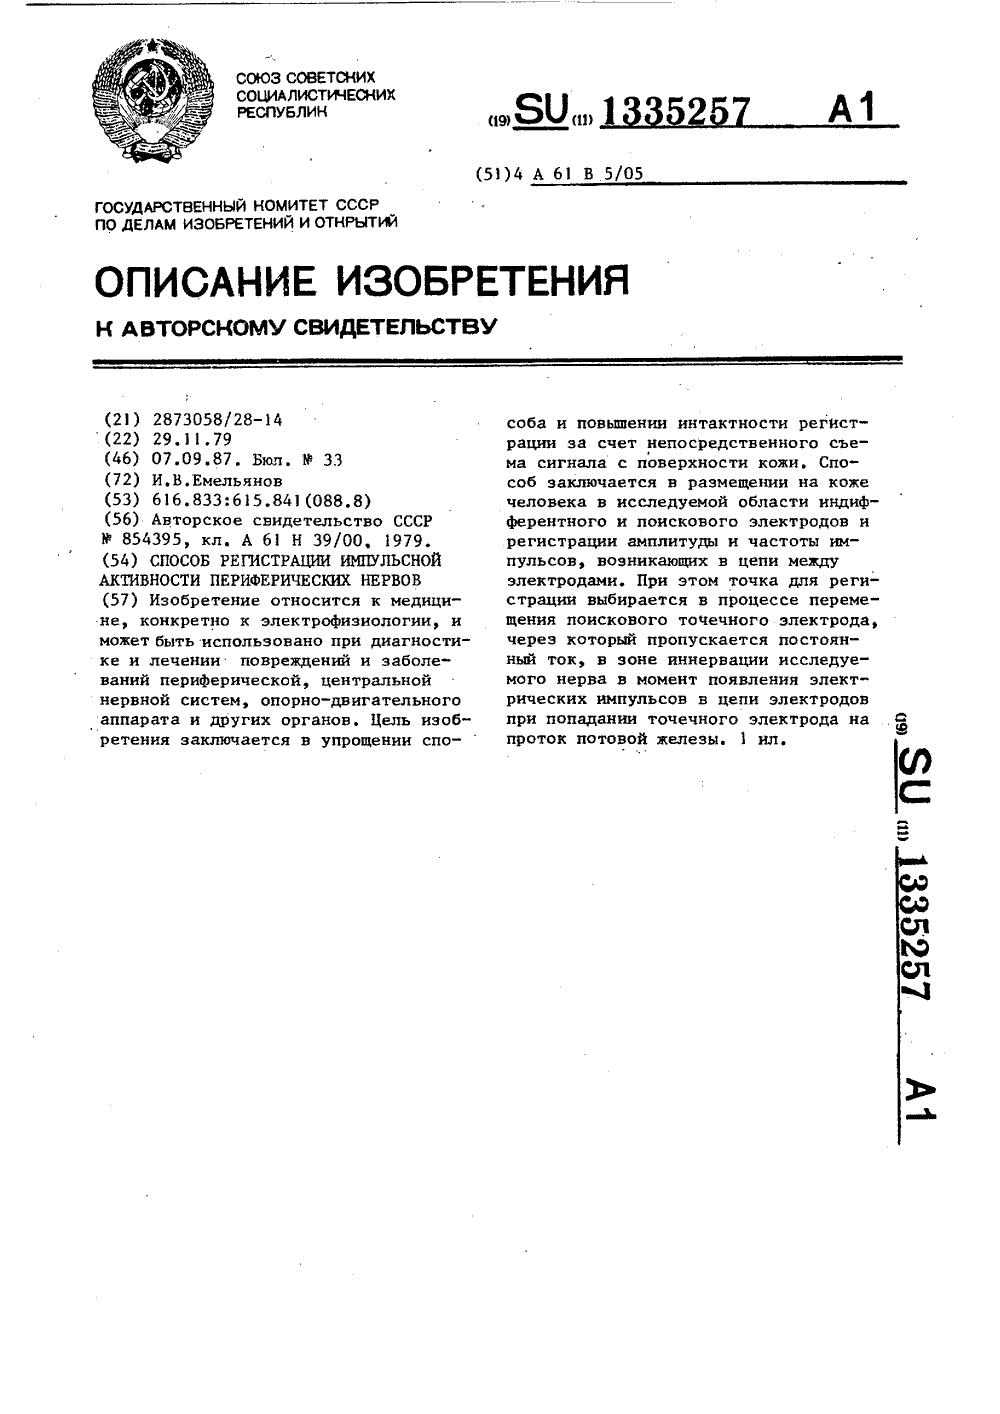 http://patentdb.su/patents_3/1335257-sposob-registracii-impulsnojj-aktivnosti-perifericheskikh-nervov-1.png